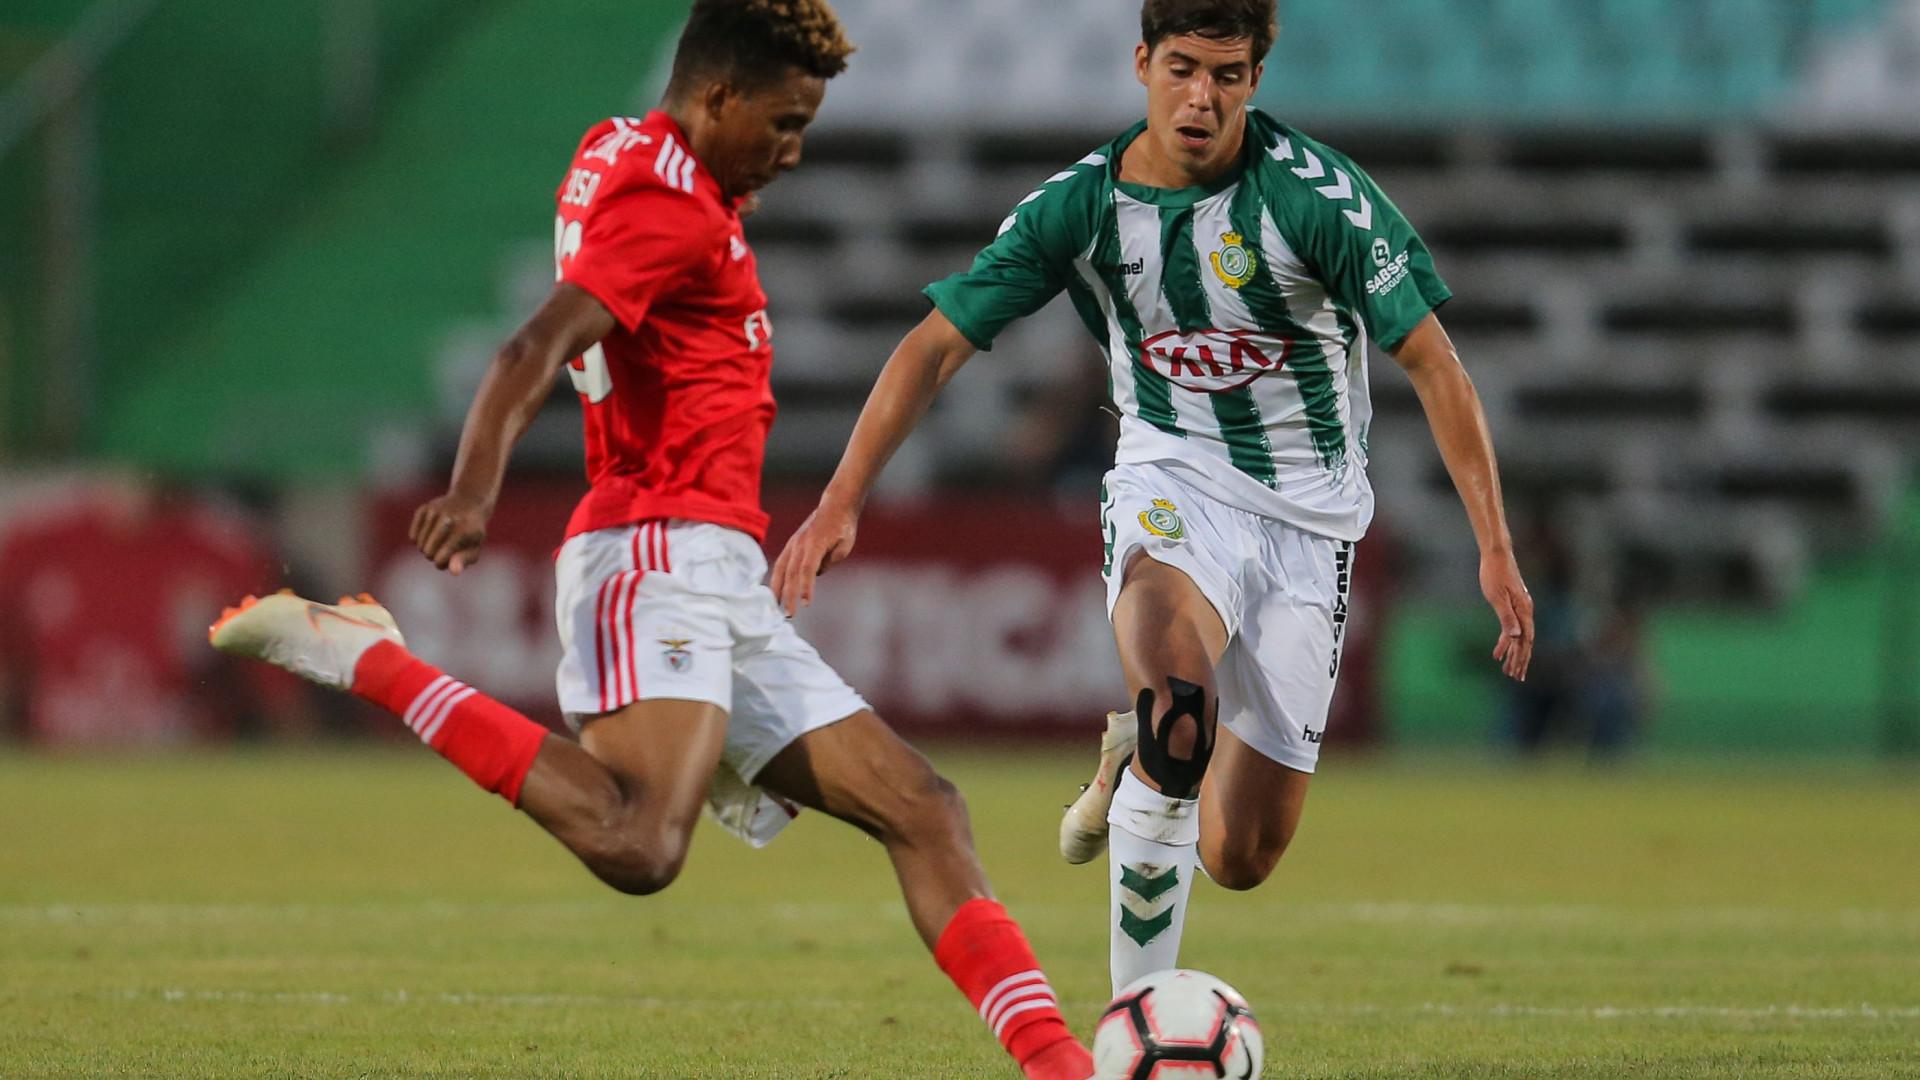 Benfica empata com V. Setúbal na estreia de Ferreyra a marcar